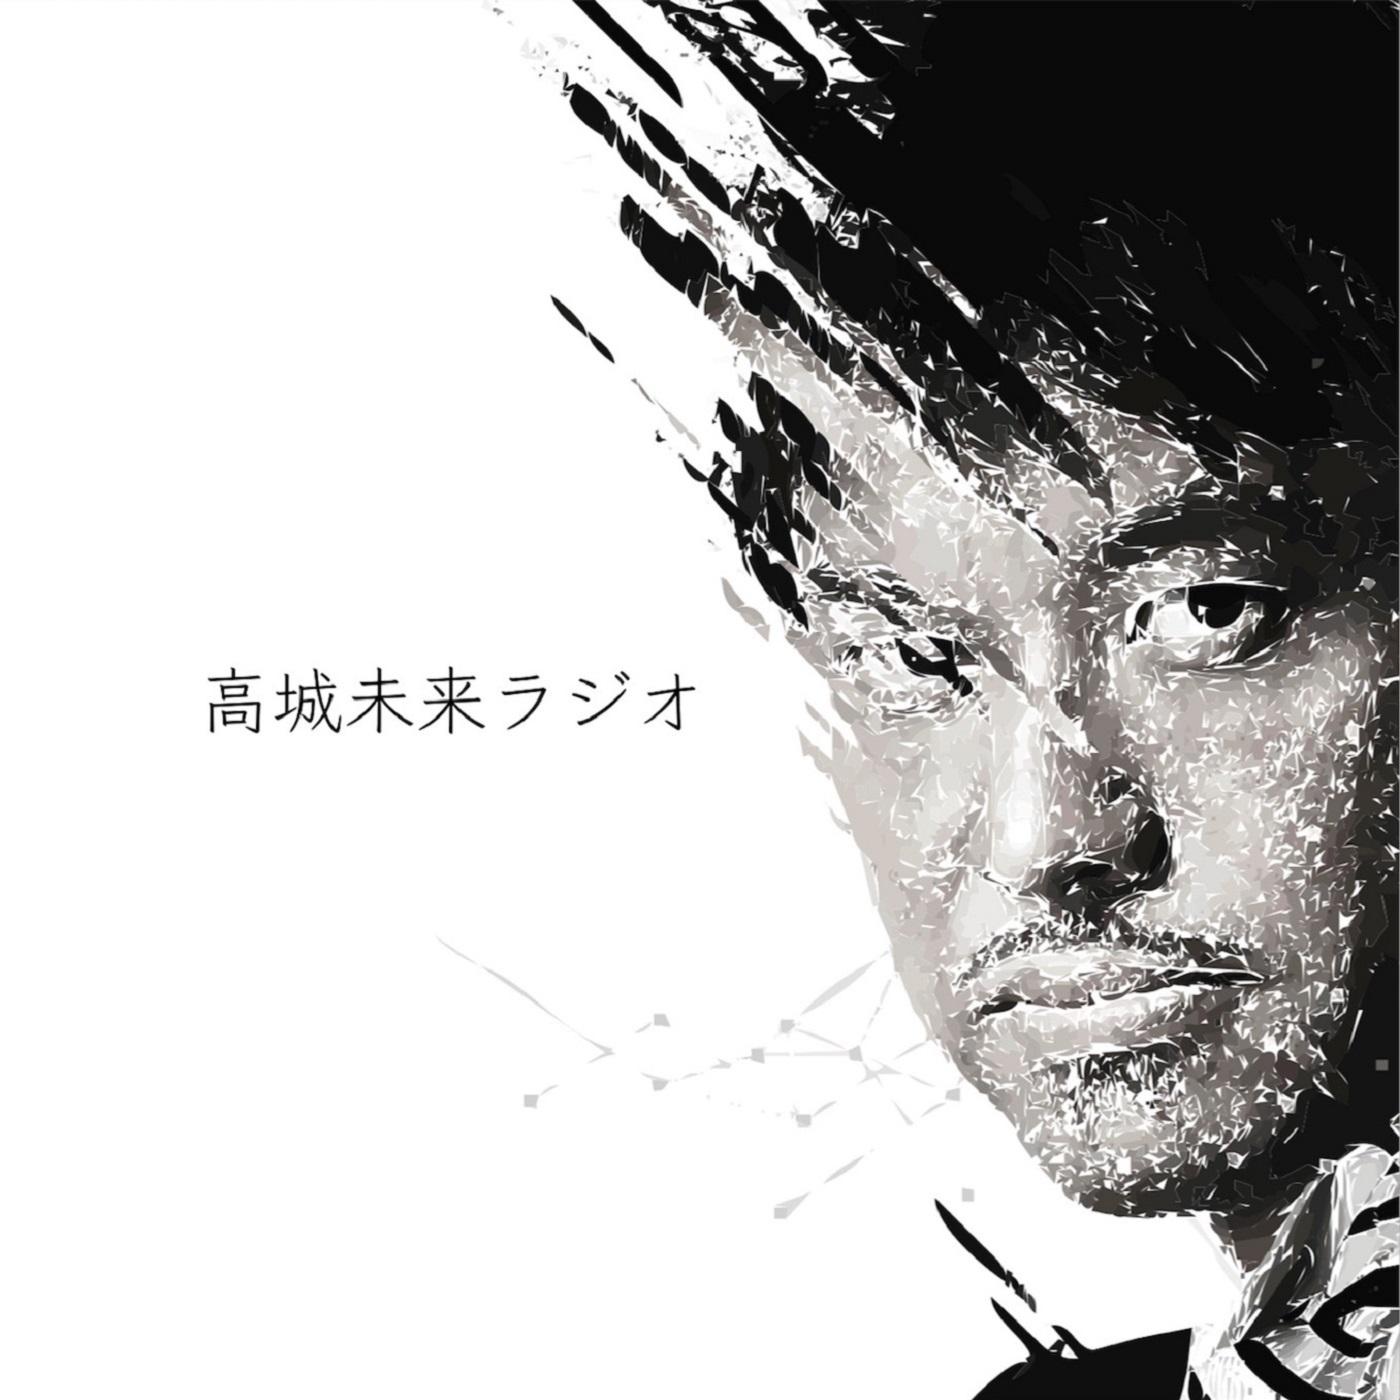 第46回 一流の鍵 -竹下雄真さん/デポルターレクラブ代表 パーソナルトレーナー(前編)